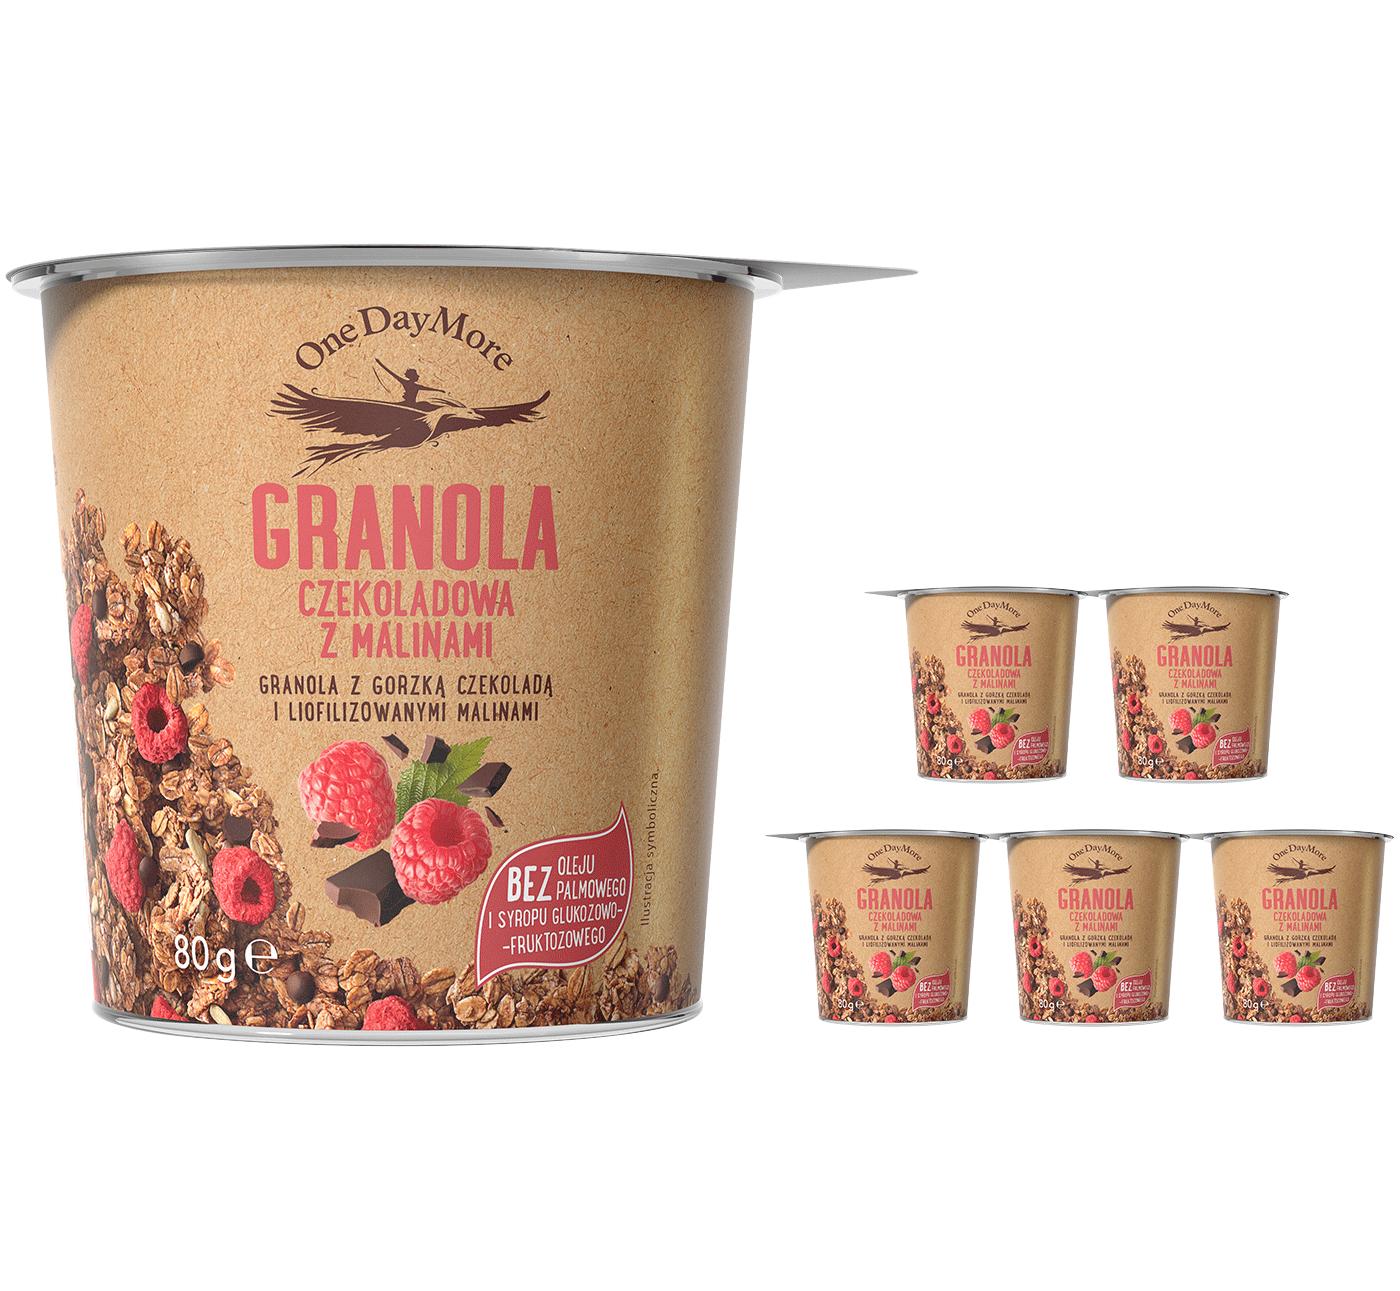 granola-czekoladowa-z-malinami-zestaw-kubkow-przod-onedaymore-45×100